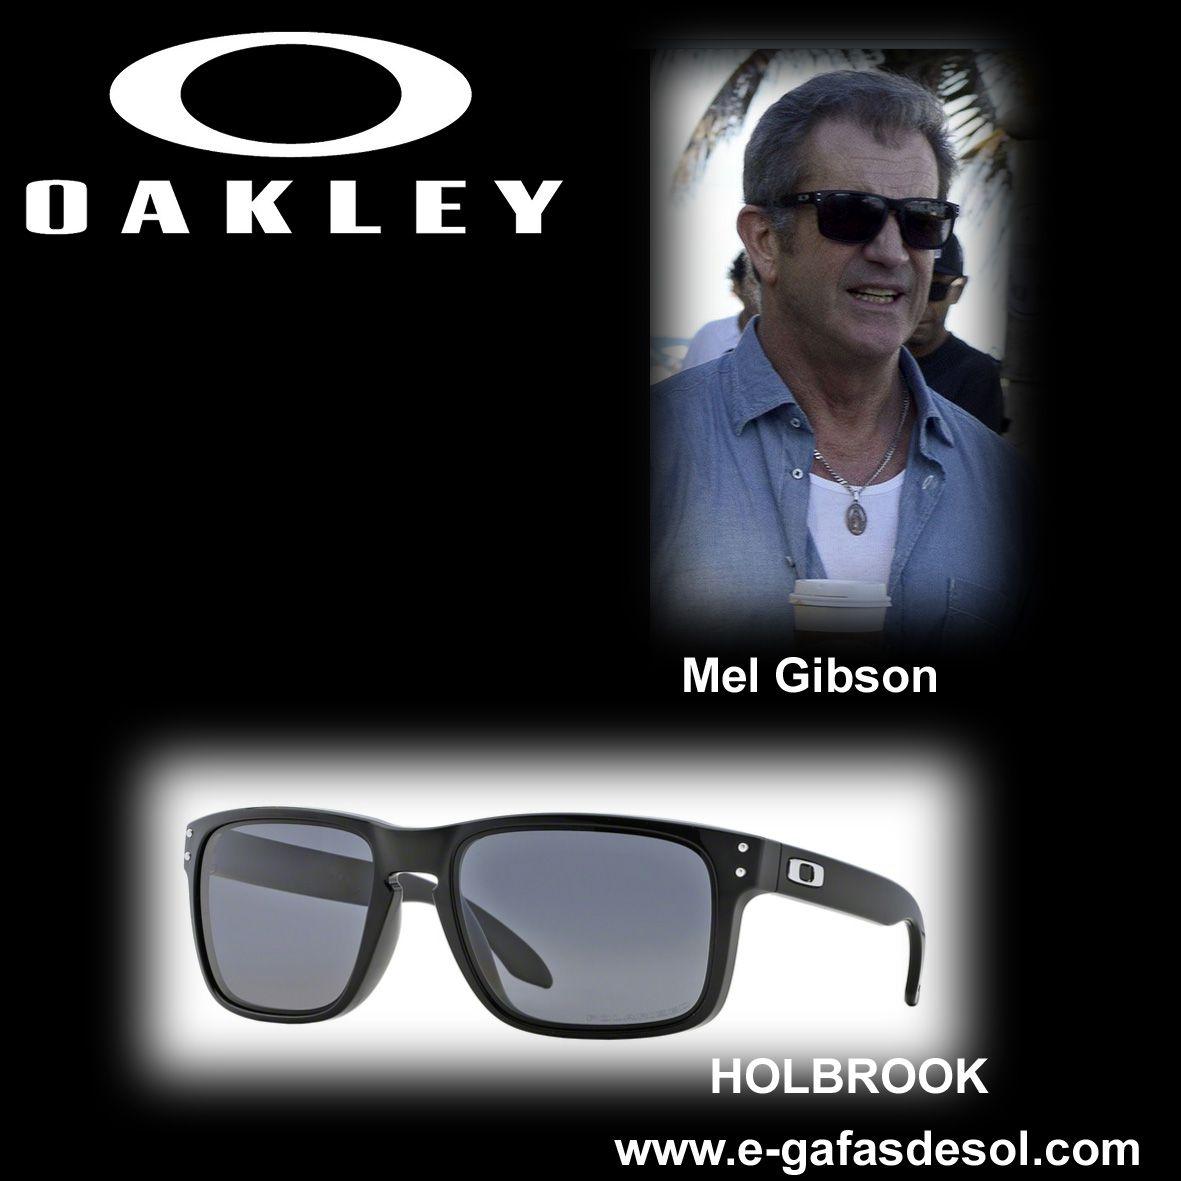 ec3bcd845d El actor y director de cine Mel Gibson con unas gafas de sol OAKLEY  Hollbrook 9102